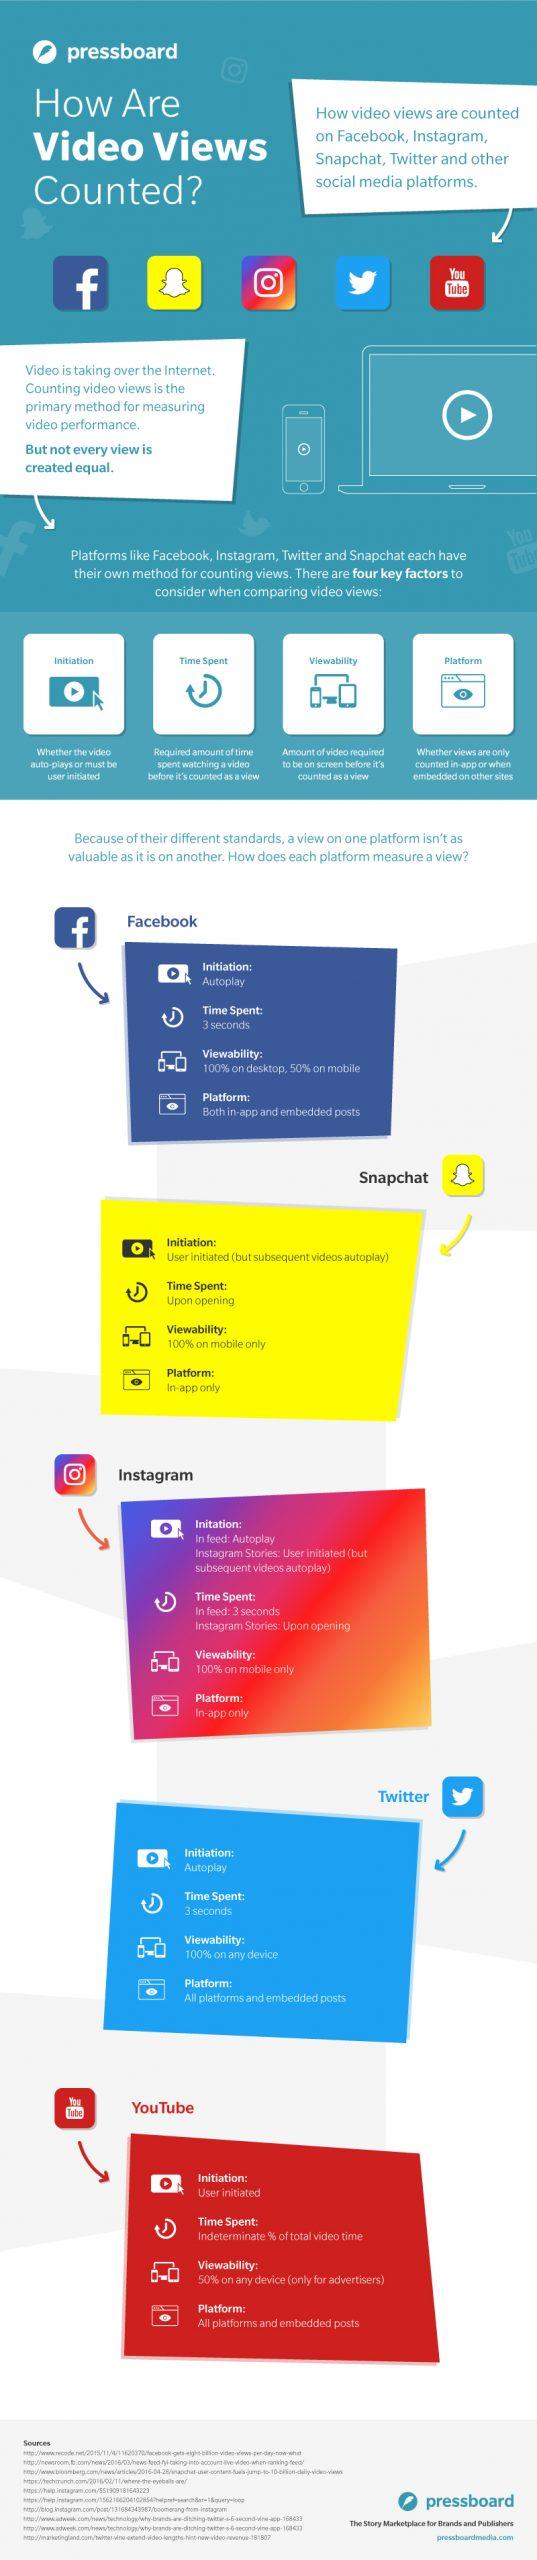 pressboard infographic